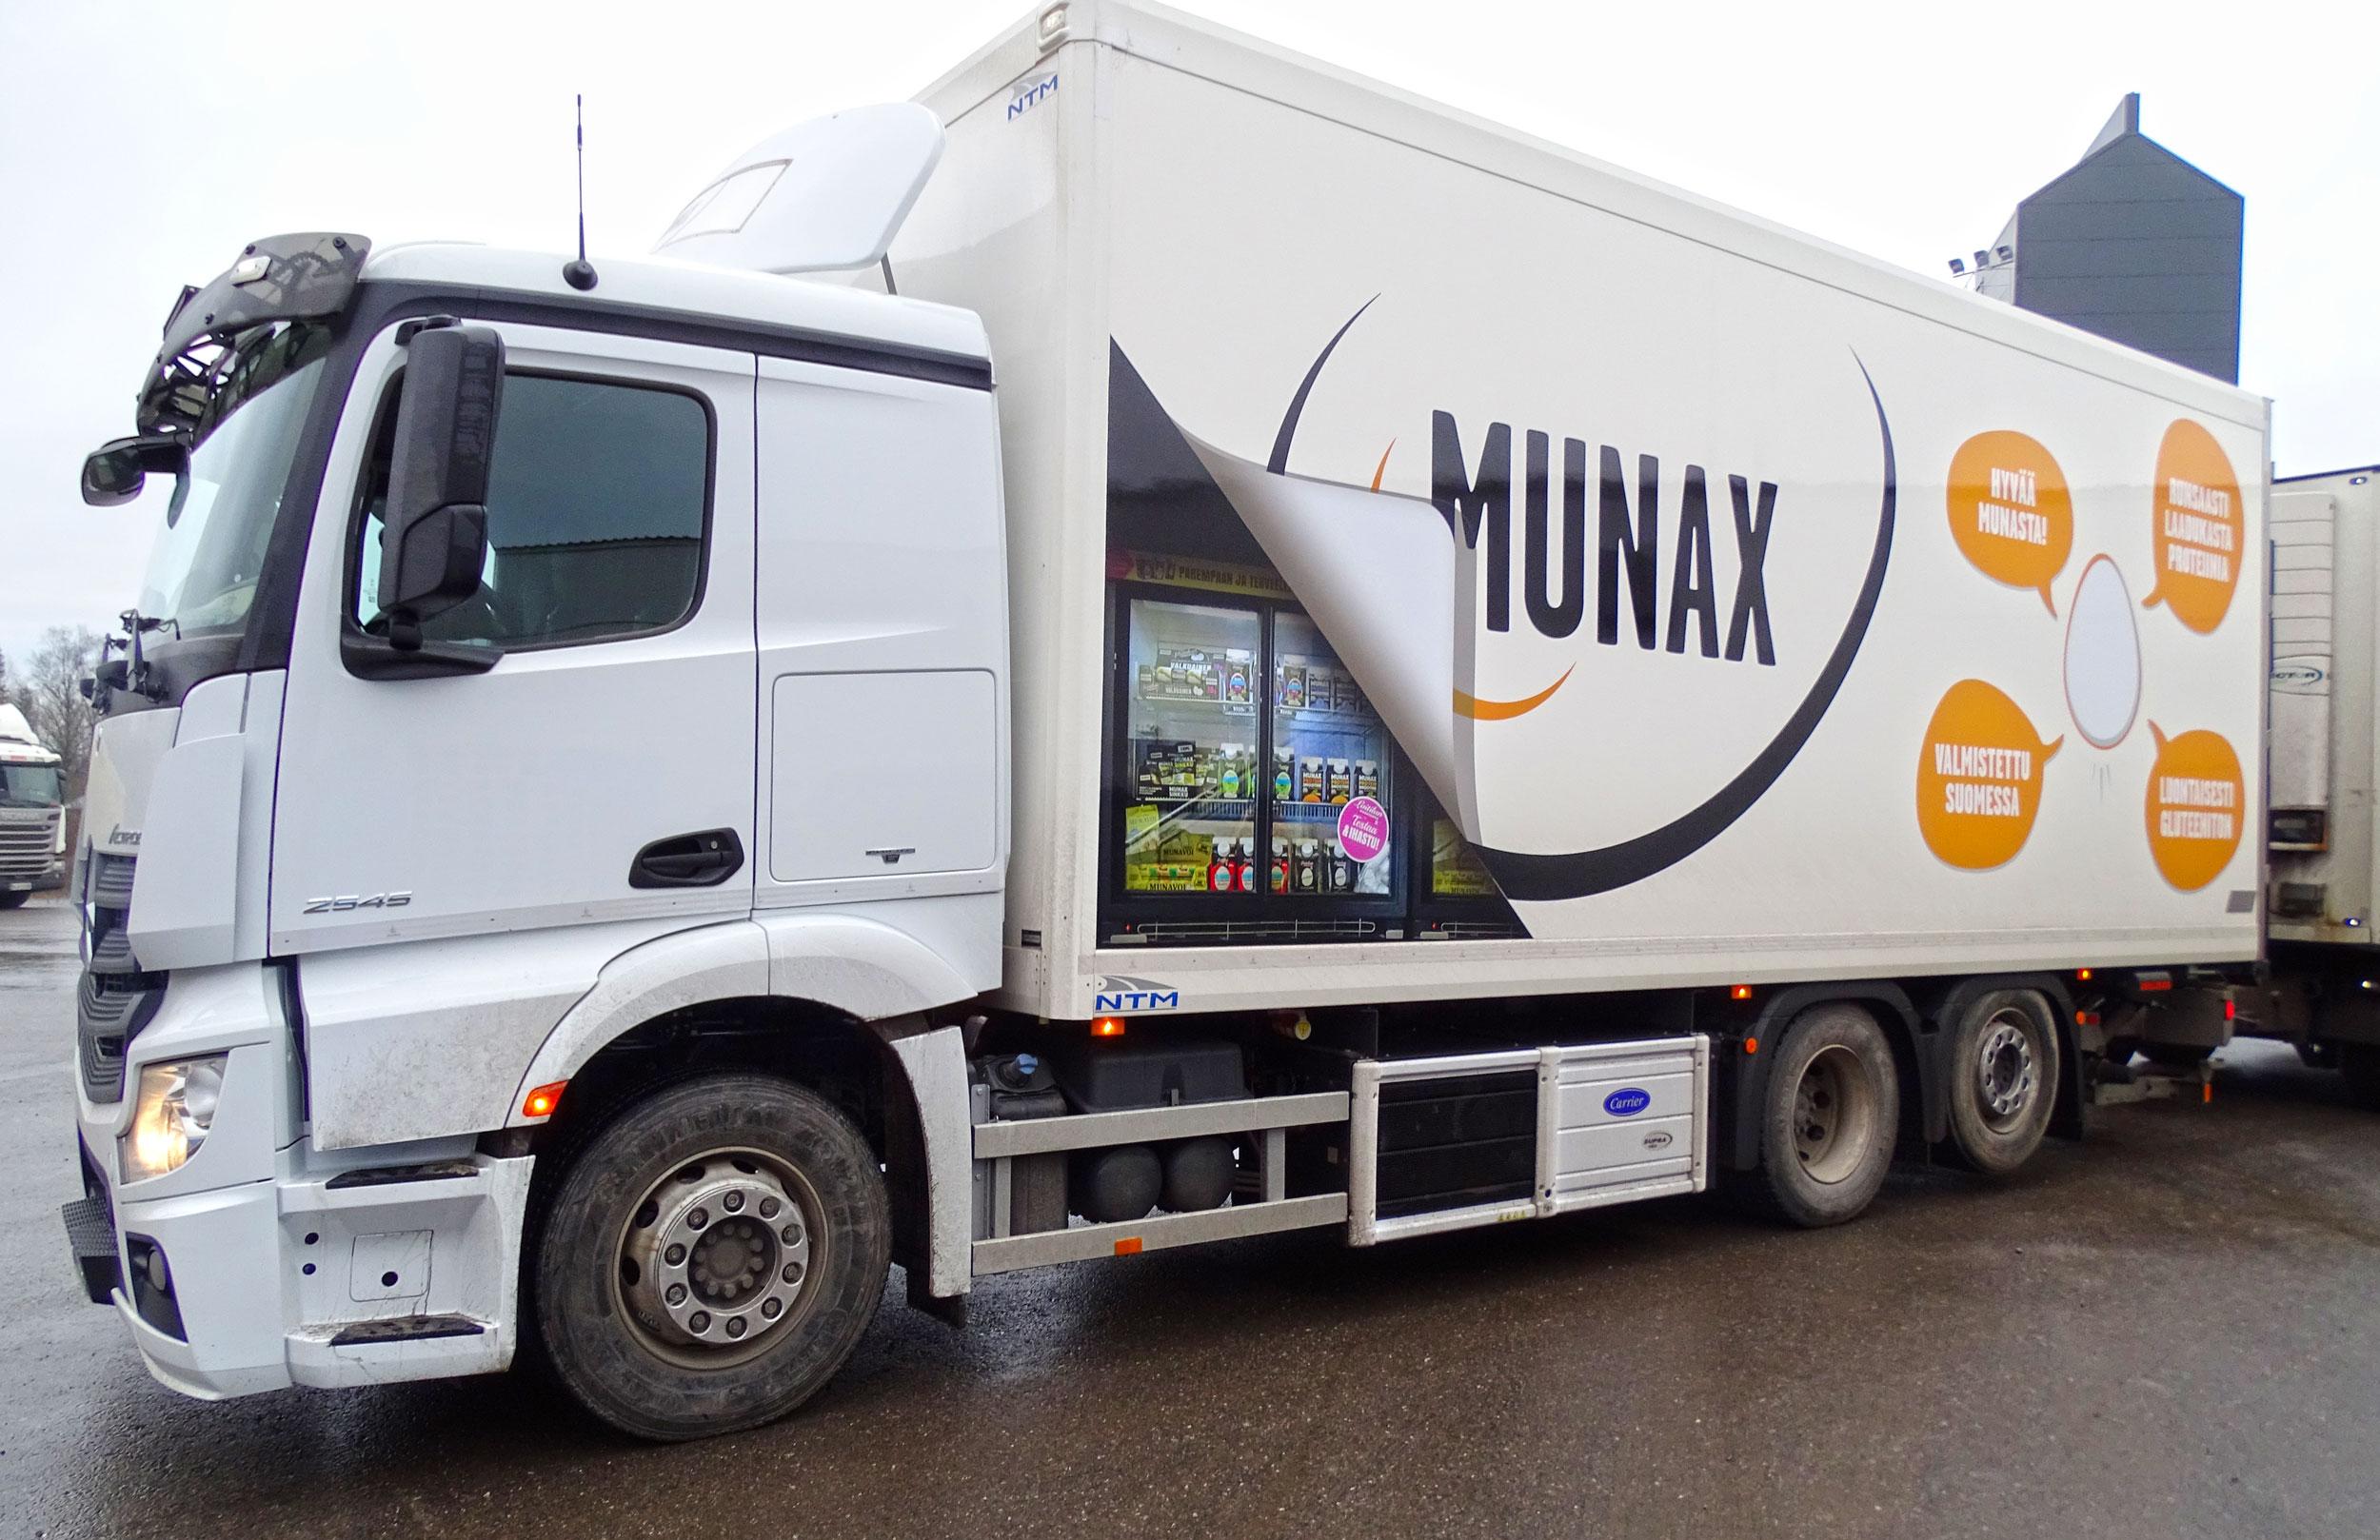 Munaxin rekka sai uuden ilmeen – oletko jo bongannut sen liikenteestä?